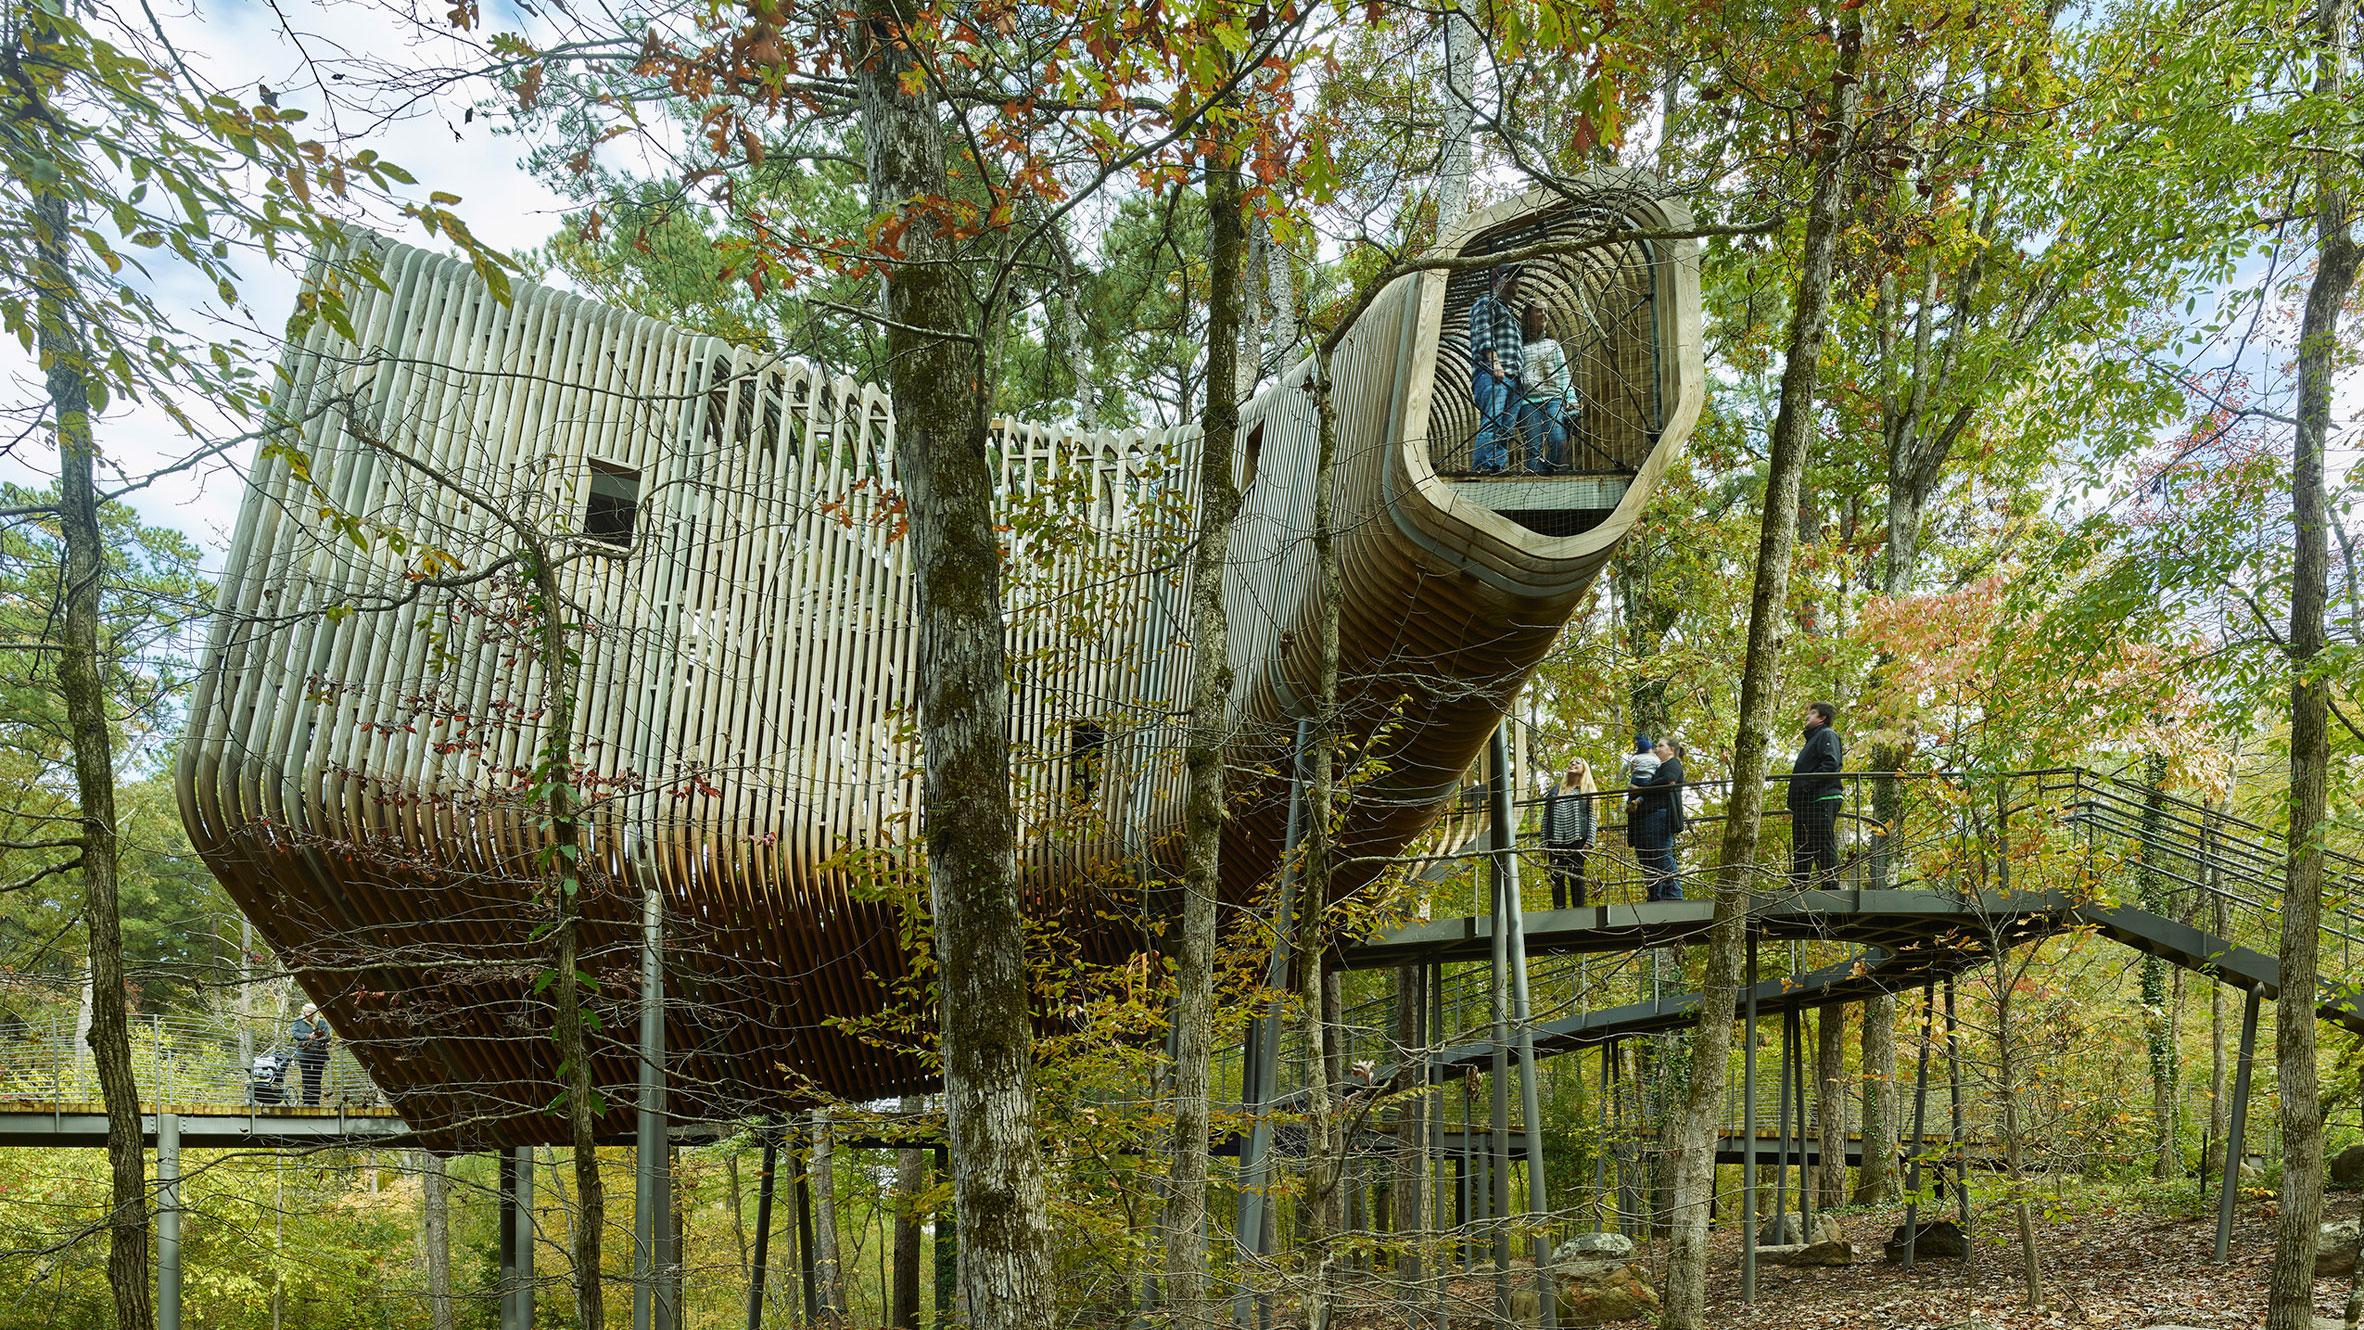 Slender Pine Slats Wrap Evans Tree House In Arkansas By ...